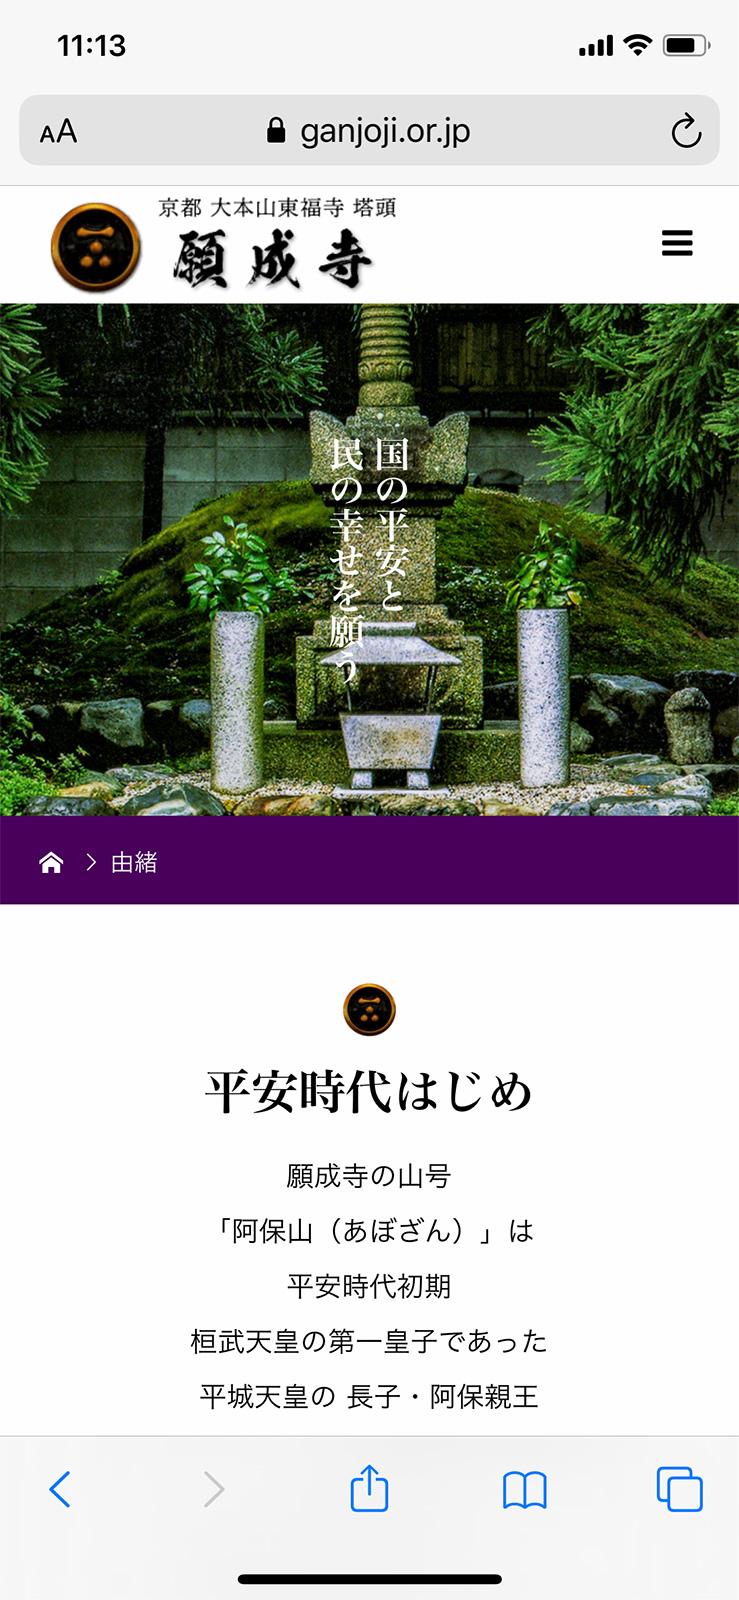 願成寺のスマホサイト02